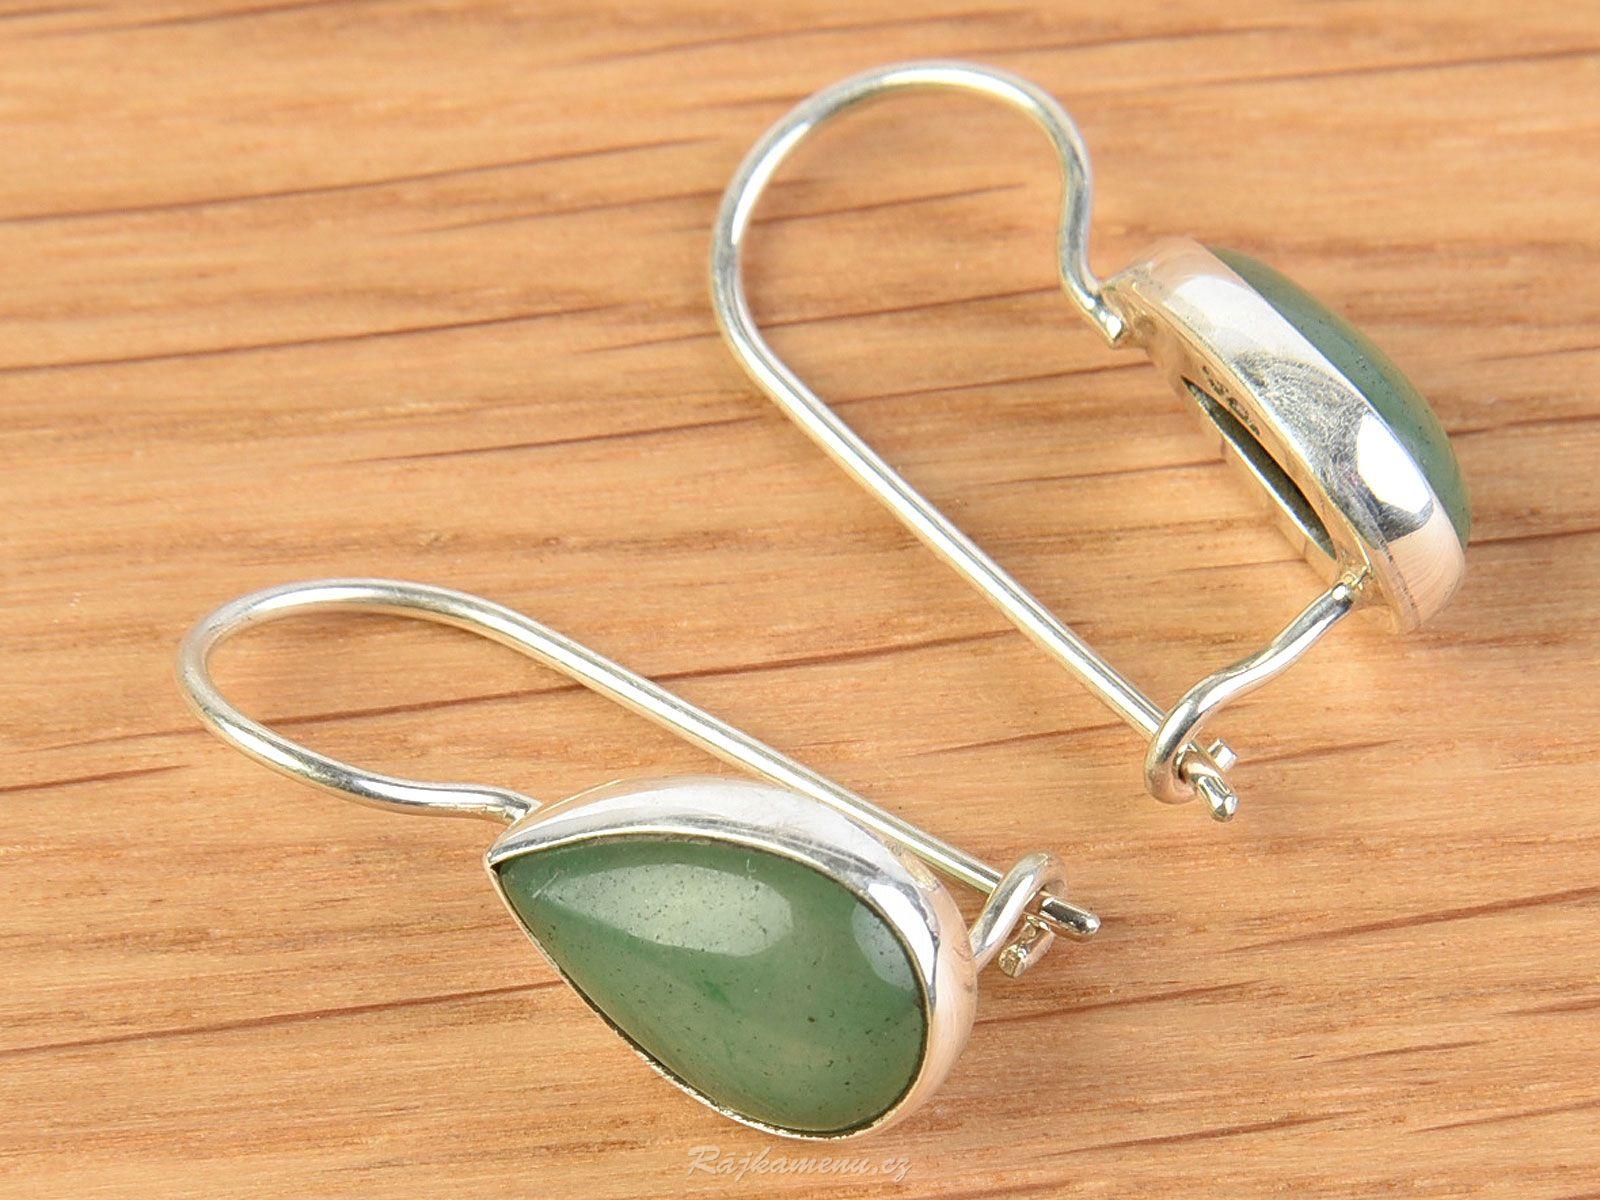 Avanturin Earrings Ag 925 1000 2 8g